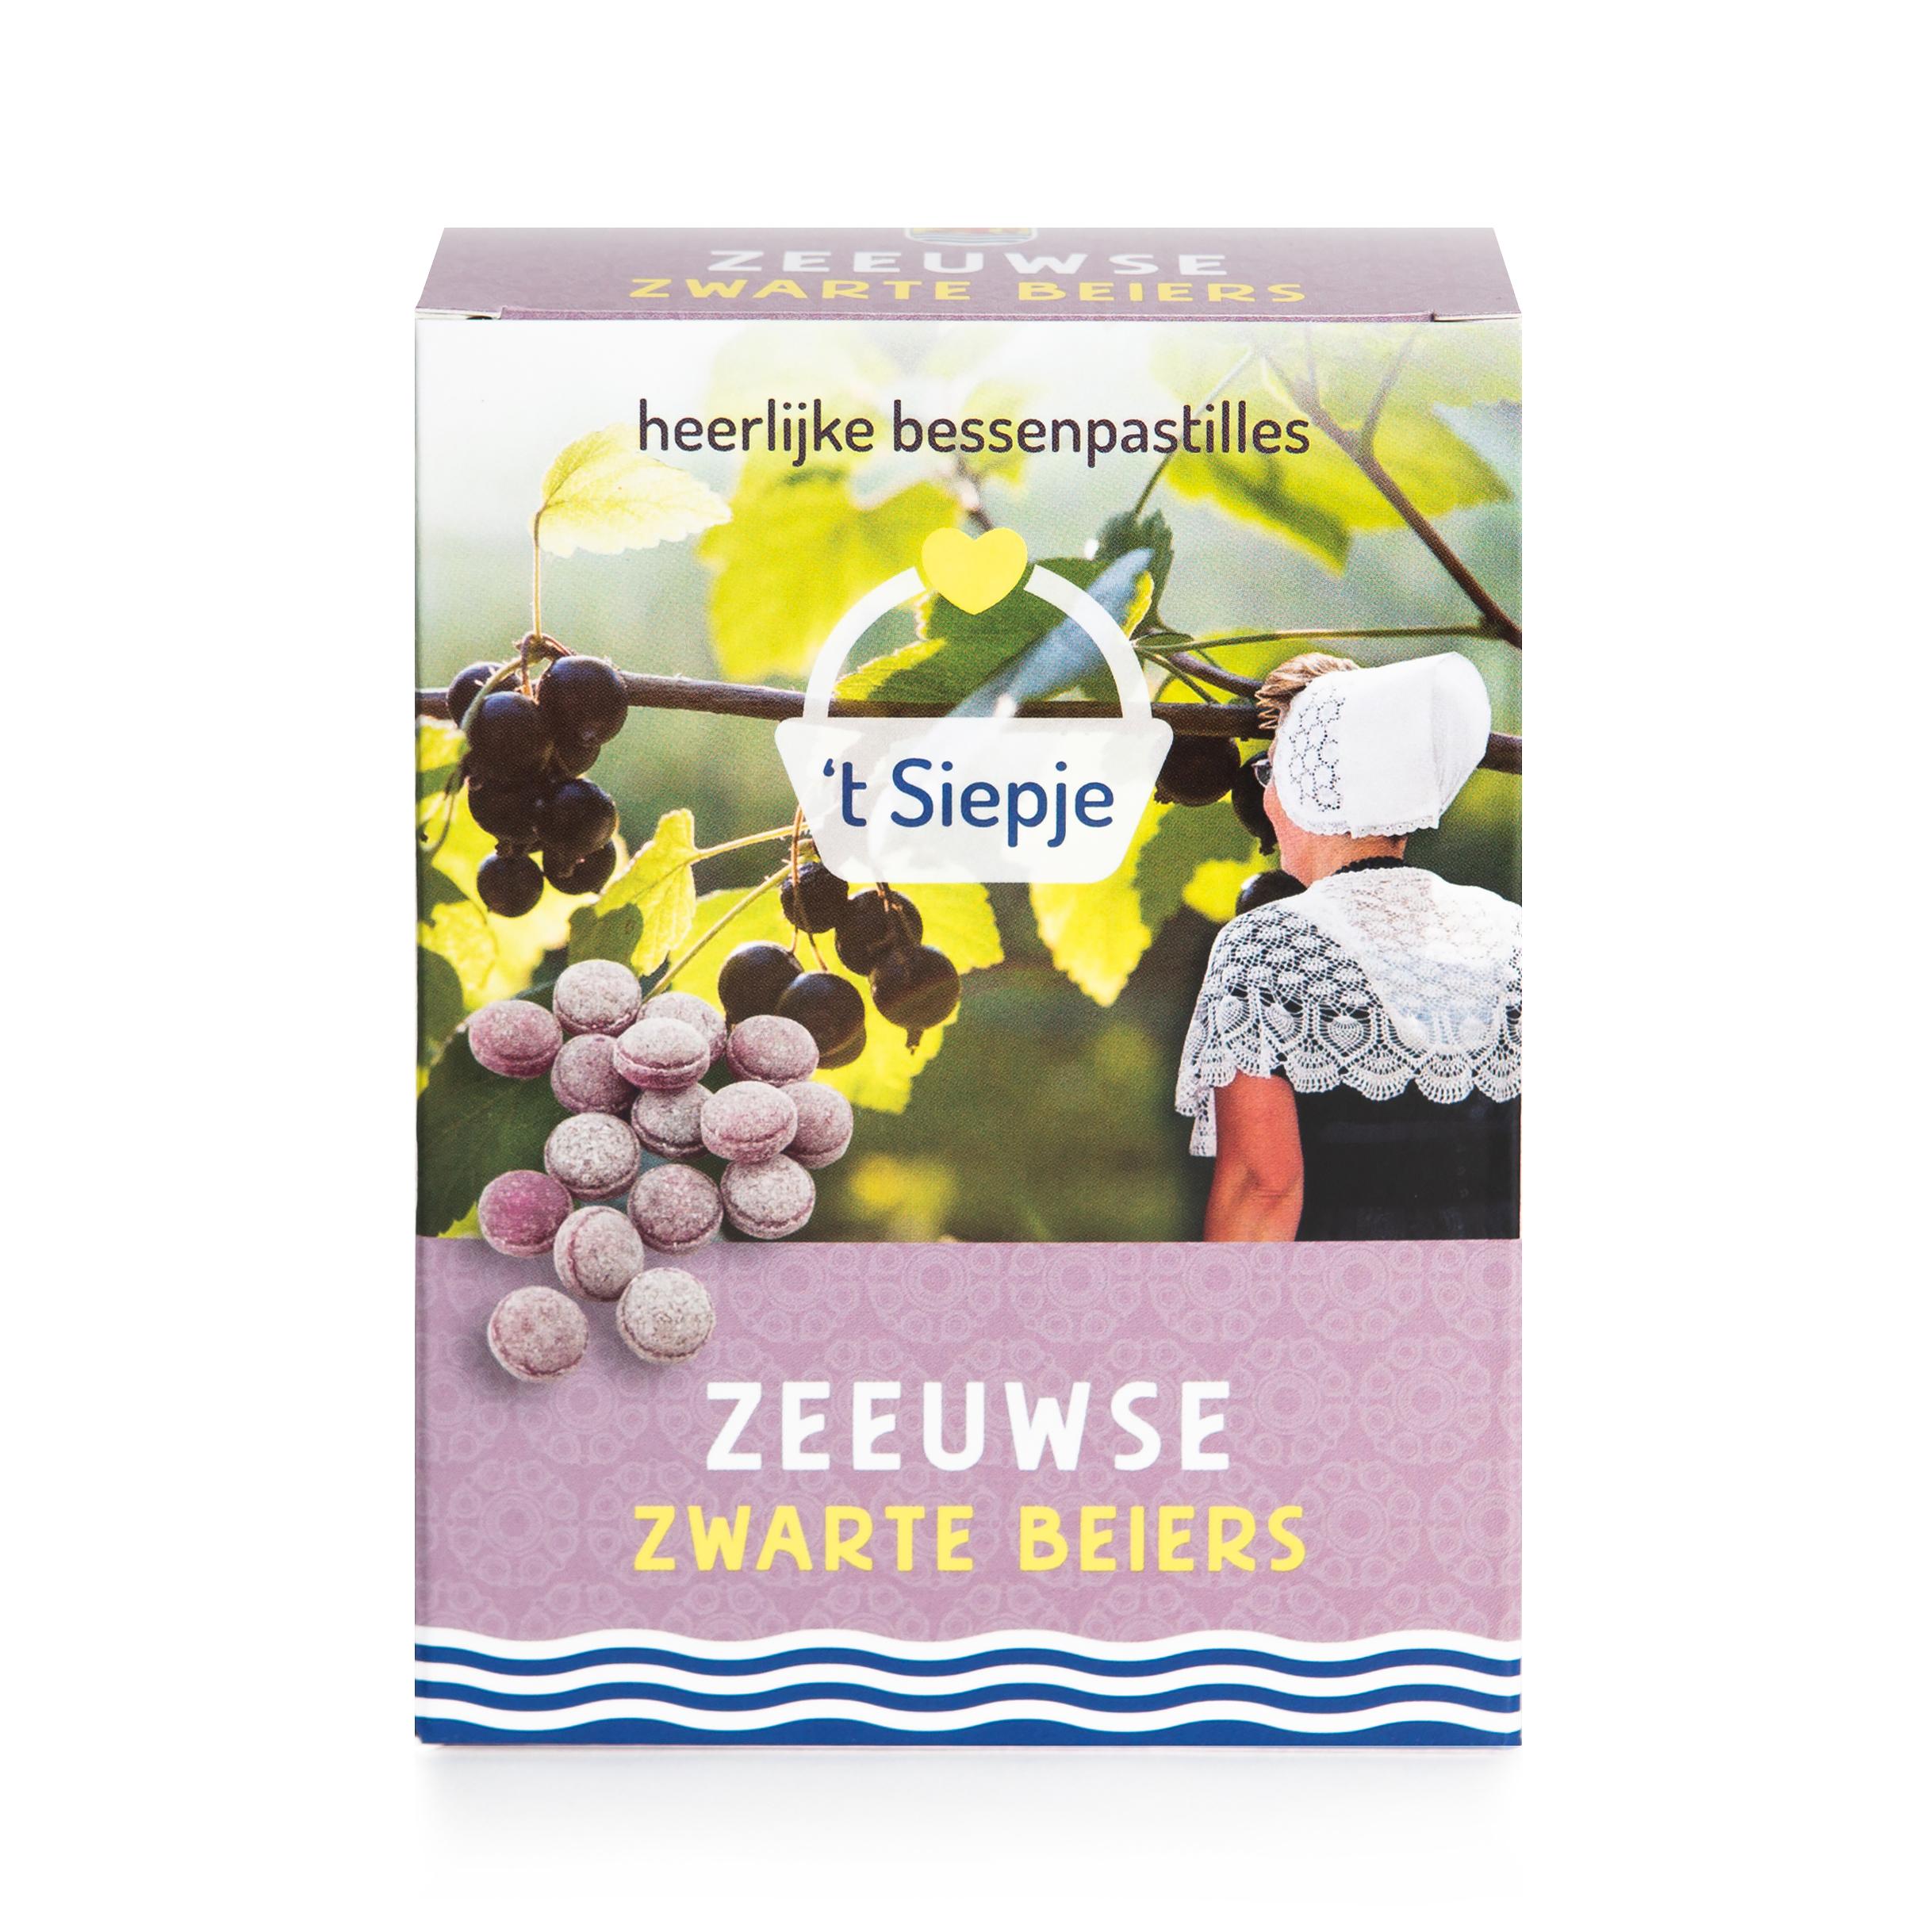 Zwarte beiers (bessen) snoepdoos